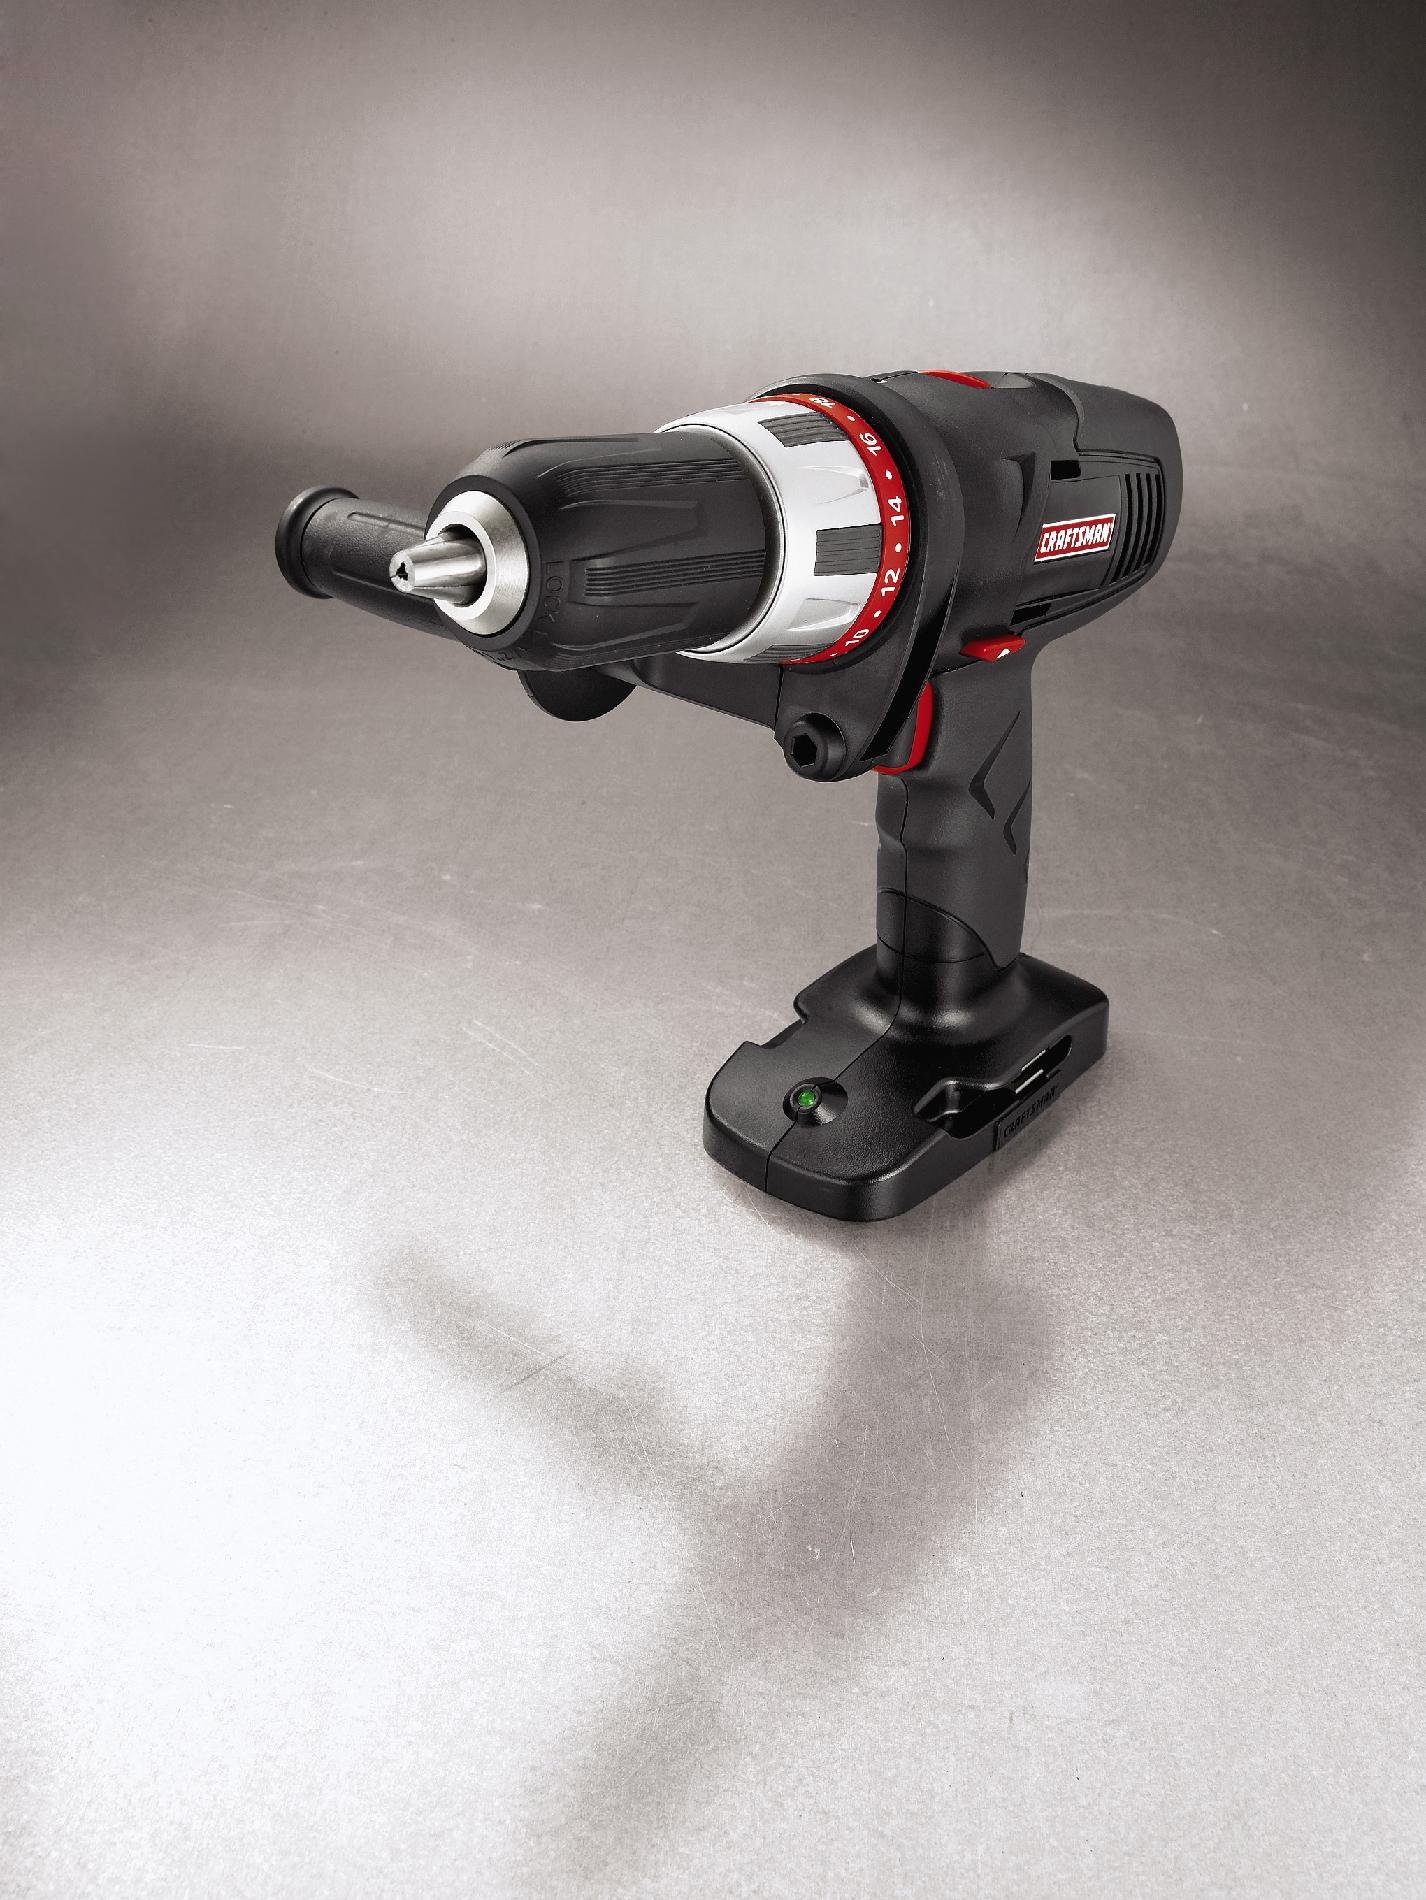 """Craftsman 11581 19.2-volt C3 Cordless 1/2"""" Drill/Driver"""